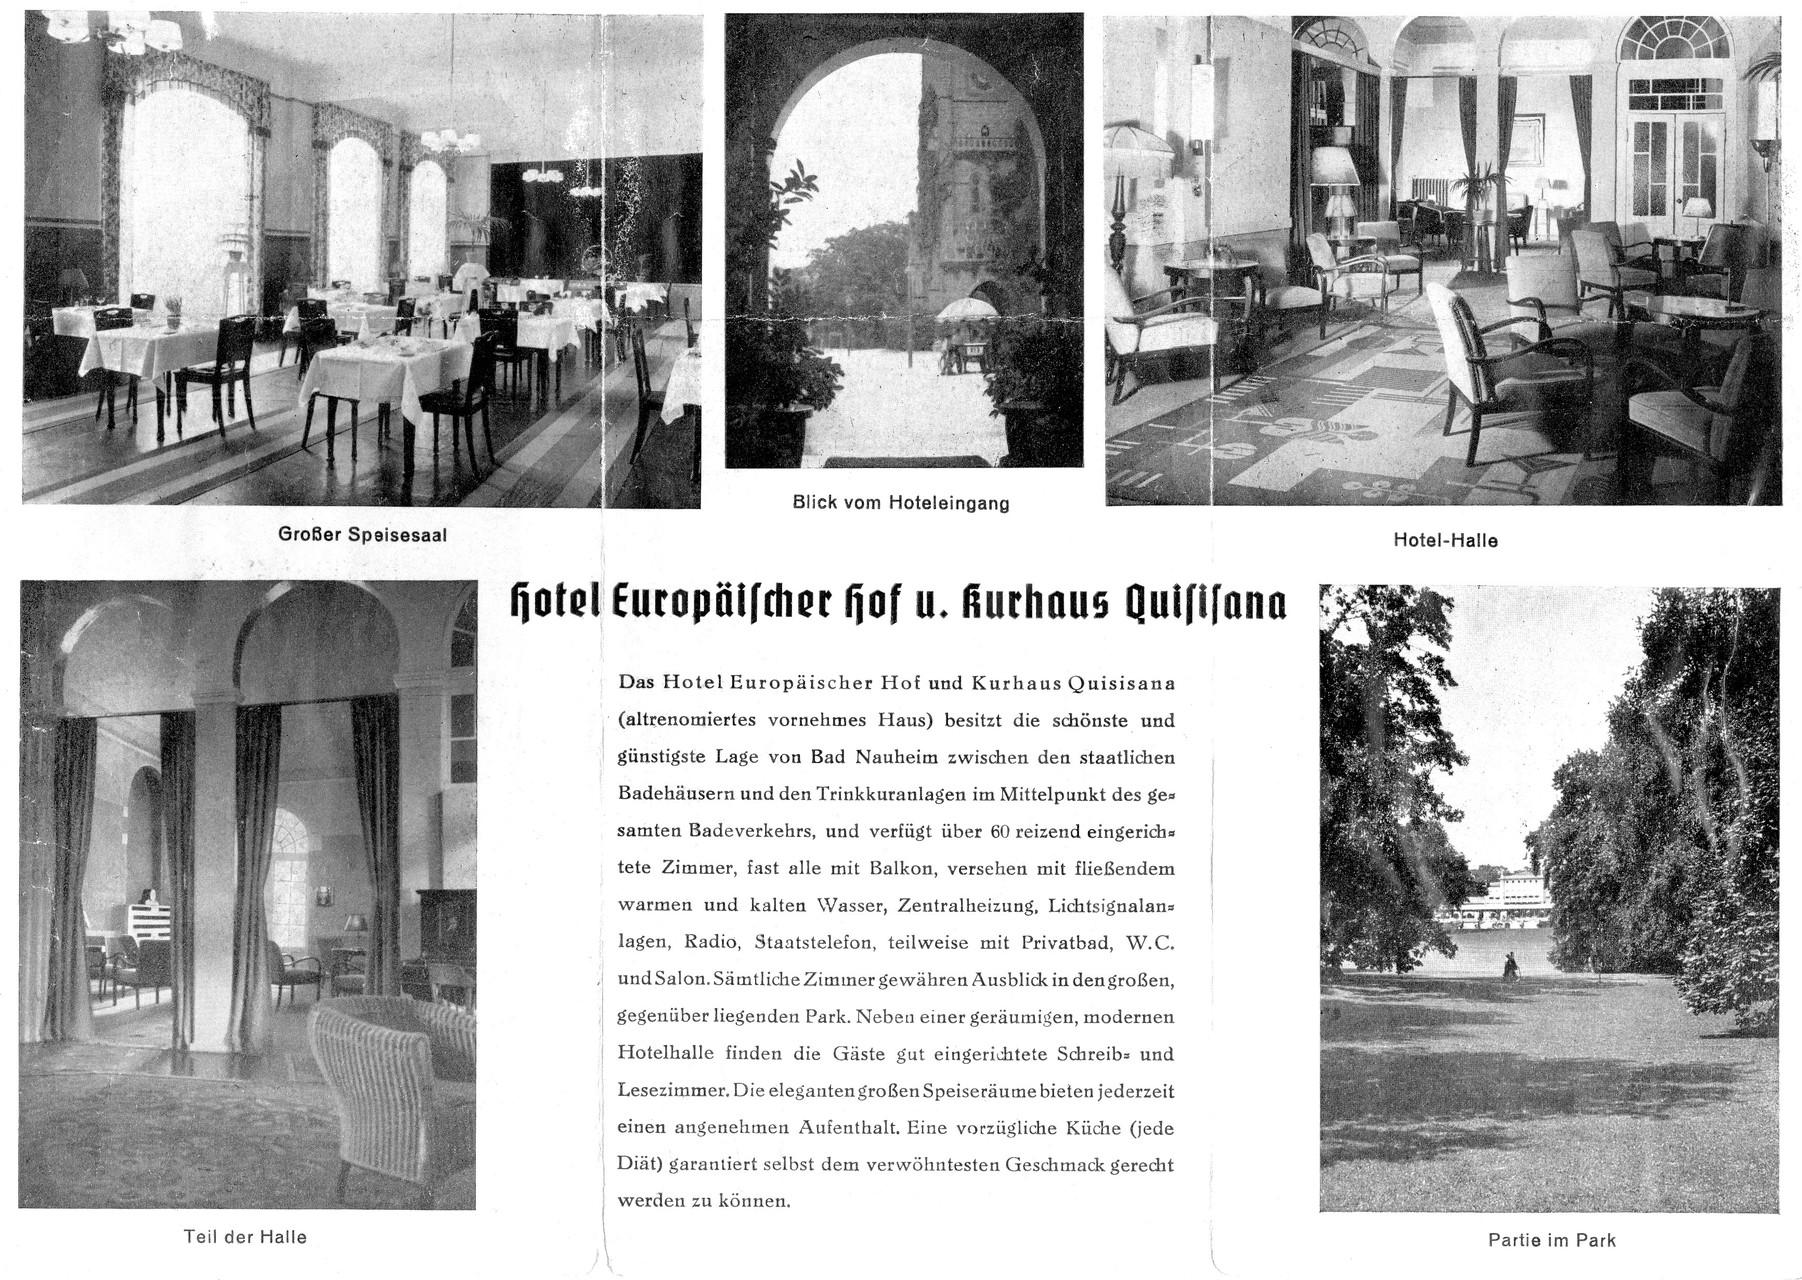 Hotelprospekt Europäischer Hof und Gästehaus Quisiana, Digitale Leihgabe von Marlies Zimmer ONLINE-MUSEUM BAD NAUHEIM